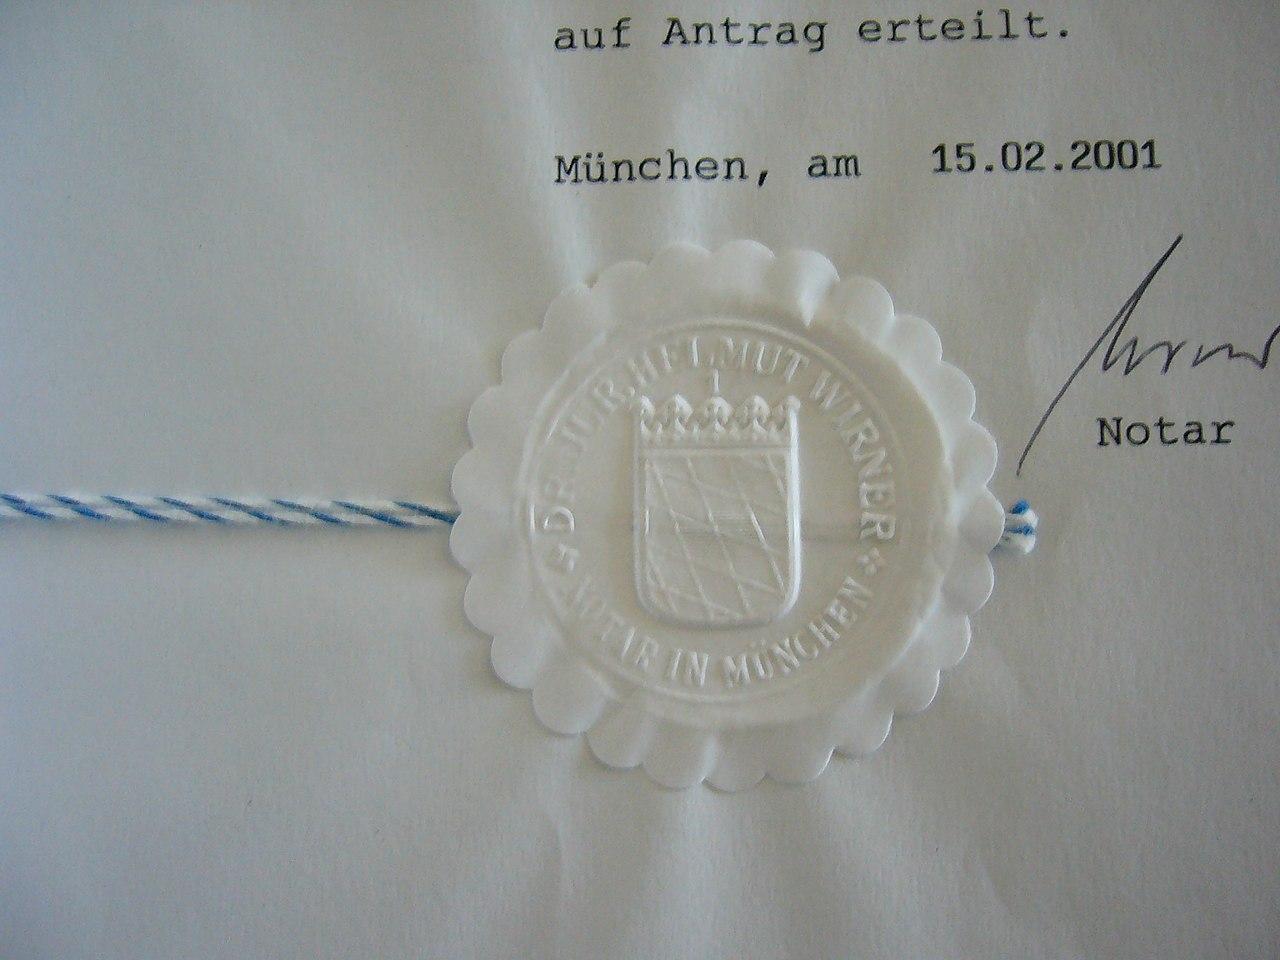 German Notarial String